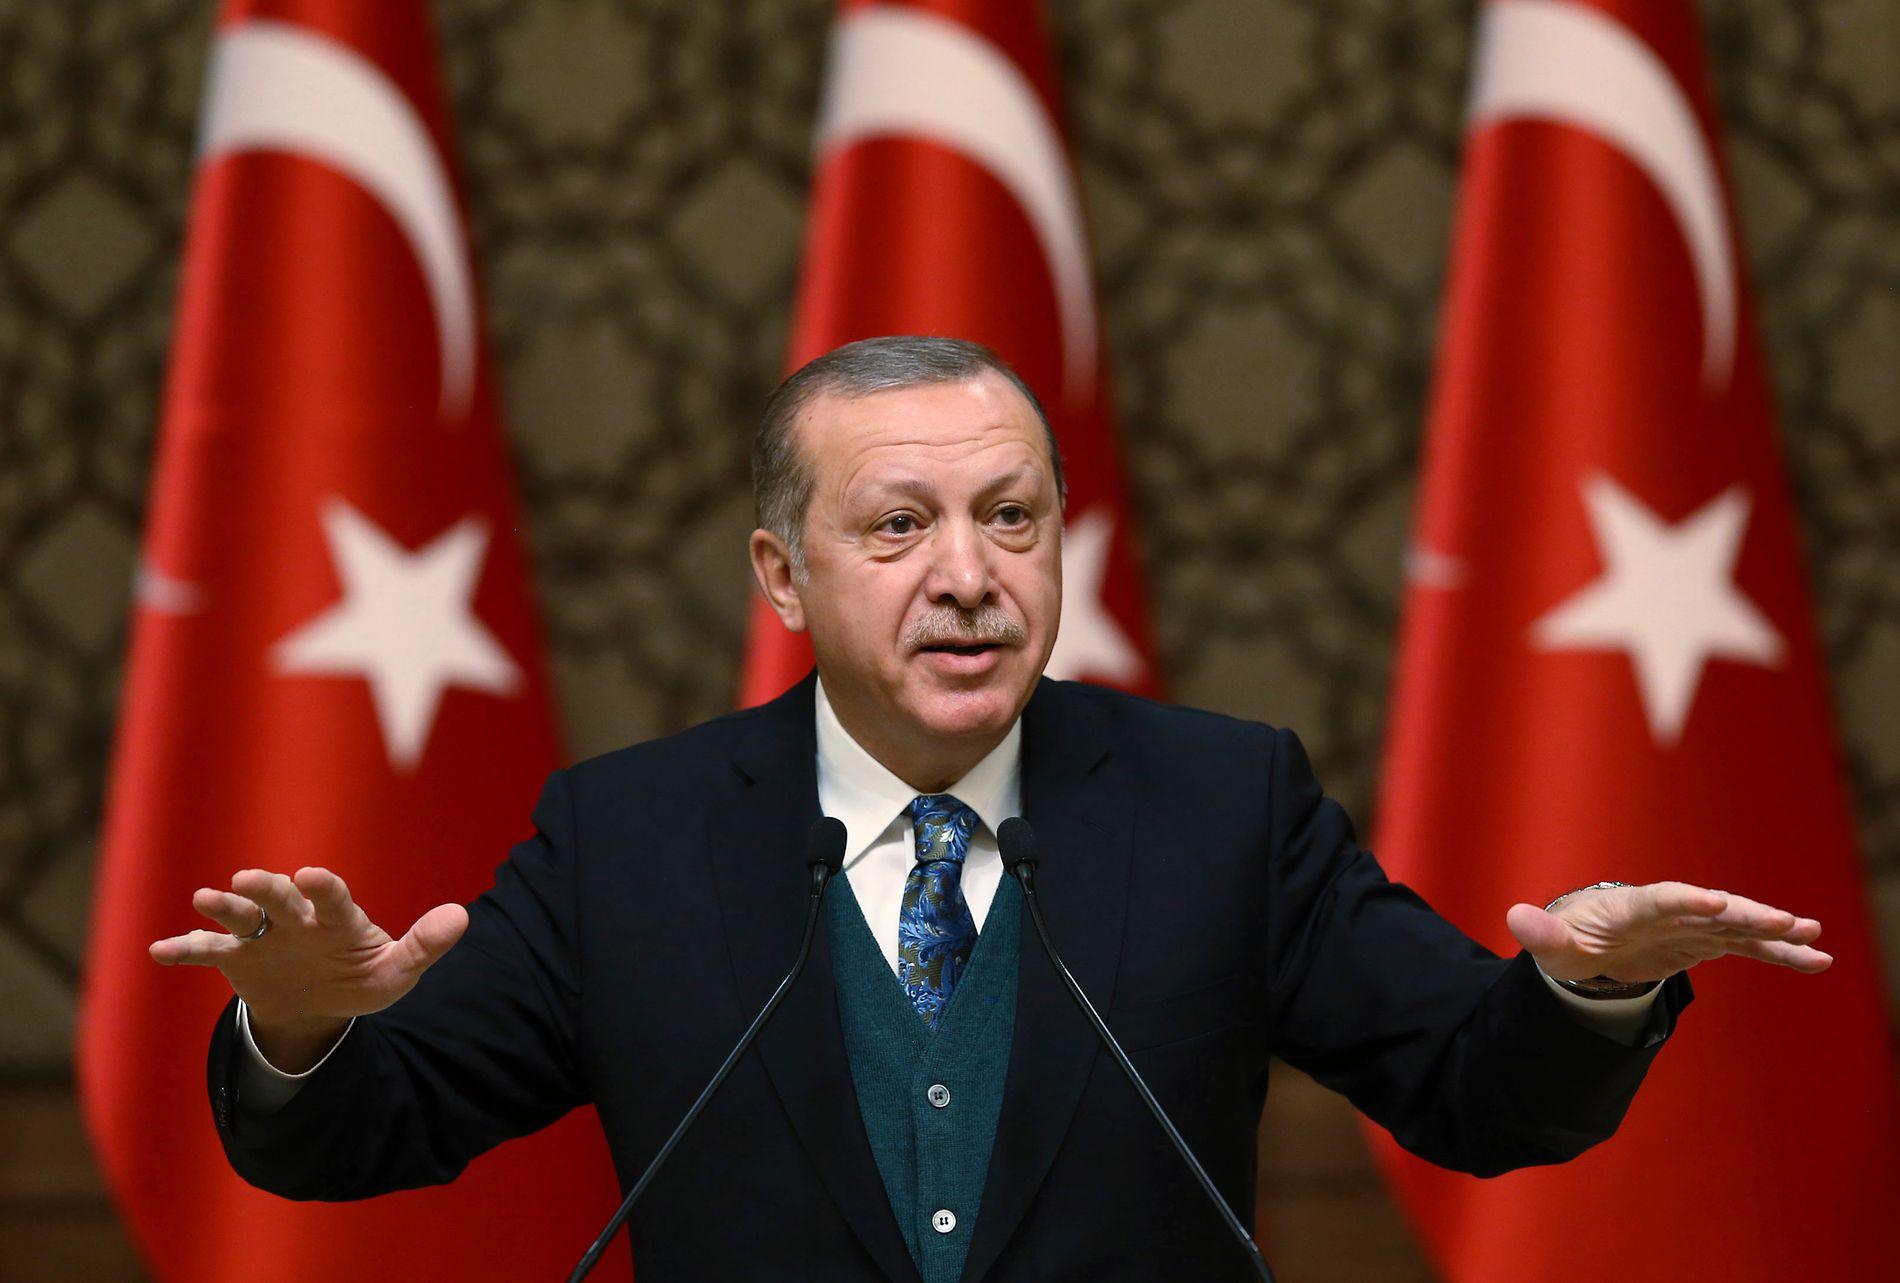 BALANSEØVELSE: Tyrkias sterke mann må balansere mellom USA og Russland i Syria-krigen.